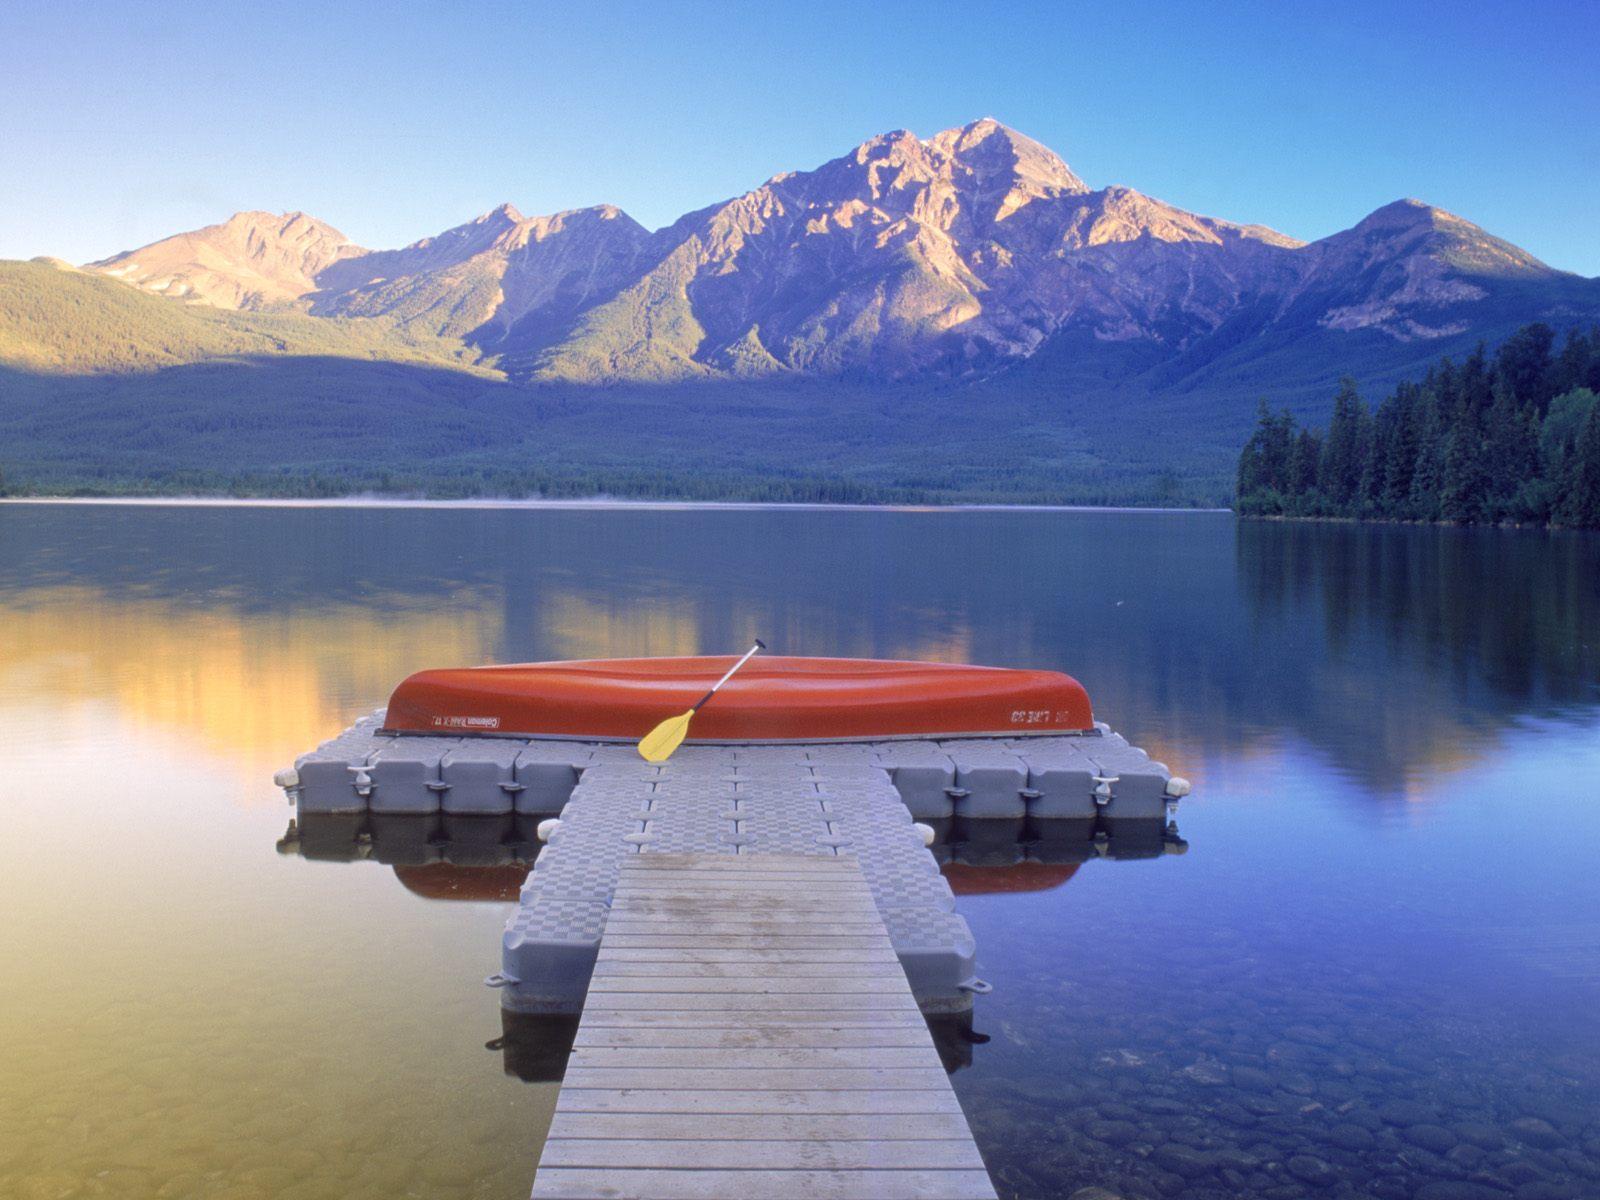 http://1.bp.blogspot.com/-n8jQGCEXrS8/TfrnXDM4B_I/AAAAAAAAFPE/l9zwaH_8taE/s1600/Pyramid_Lake_Jasper_National_Park_Alberta_Canada.jpg